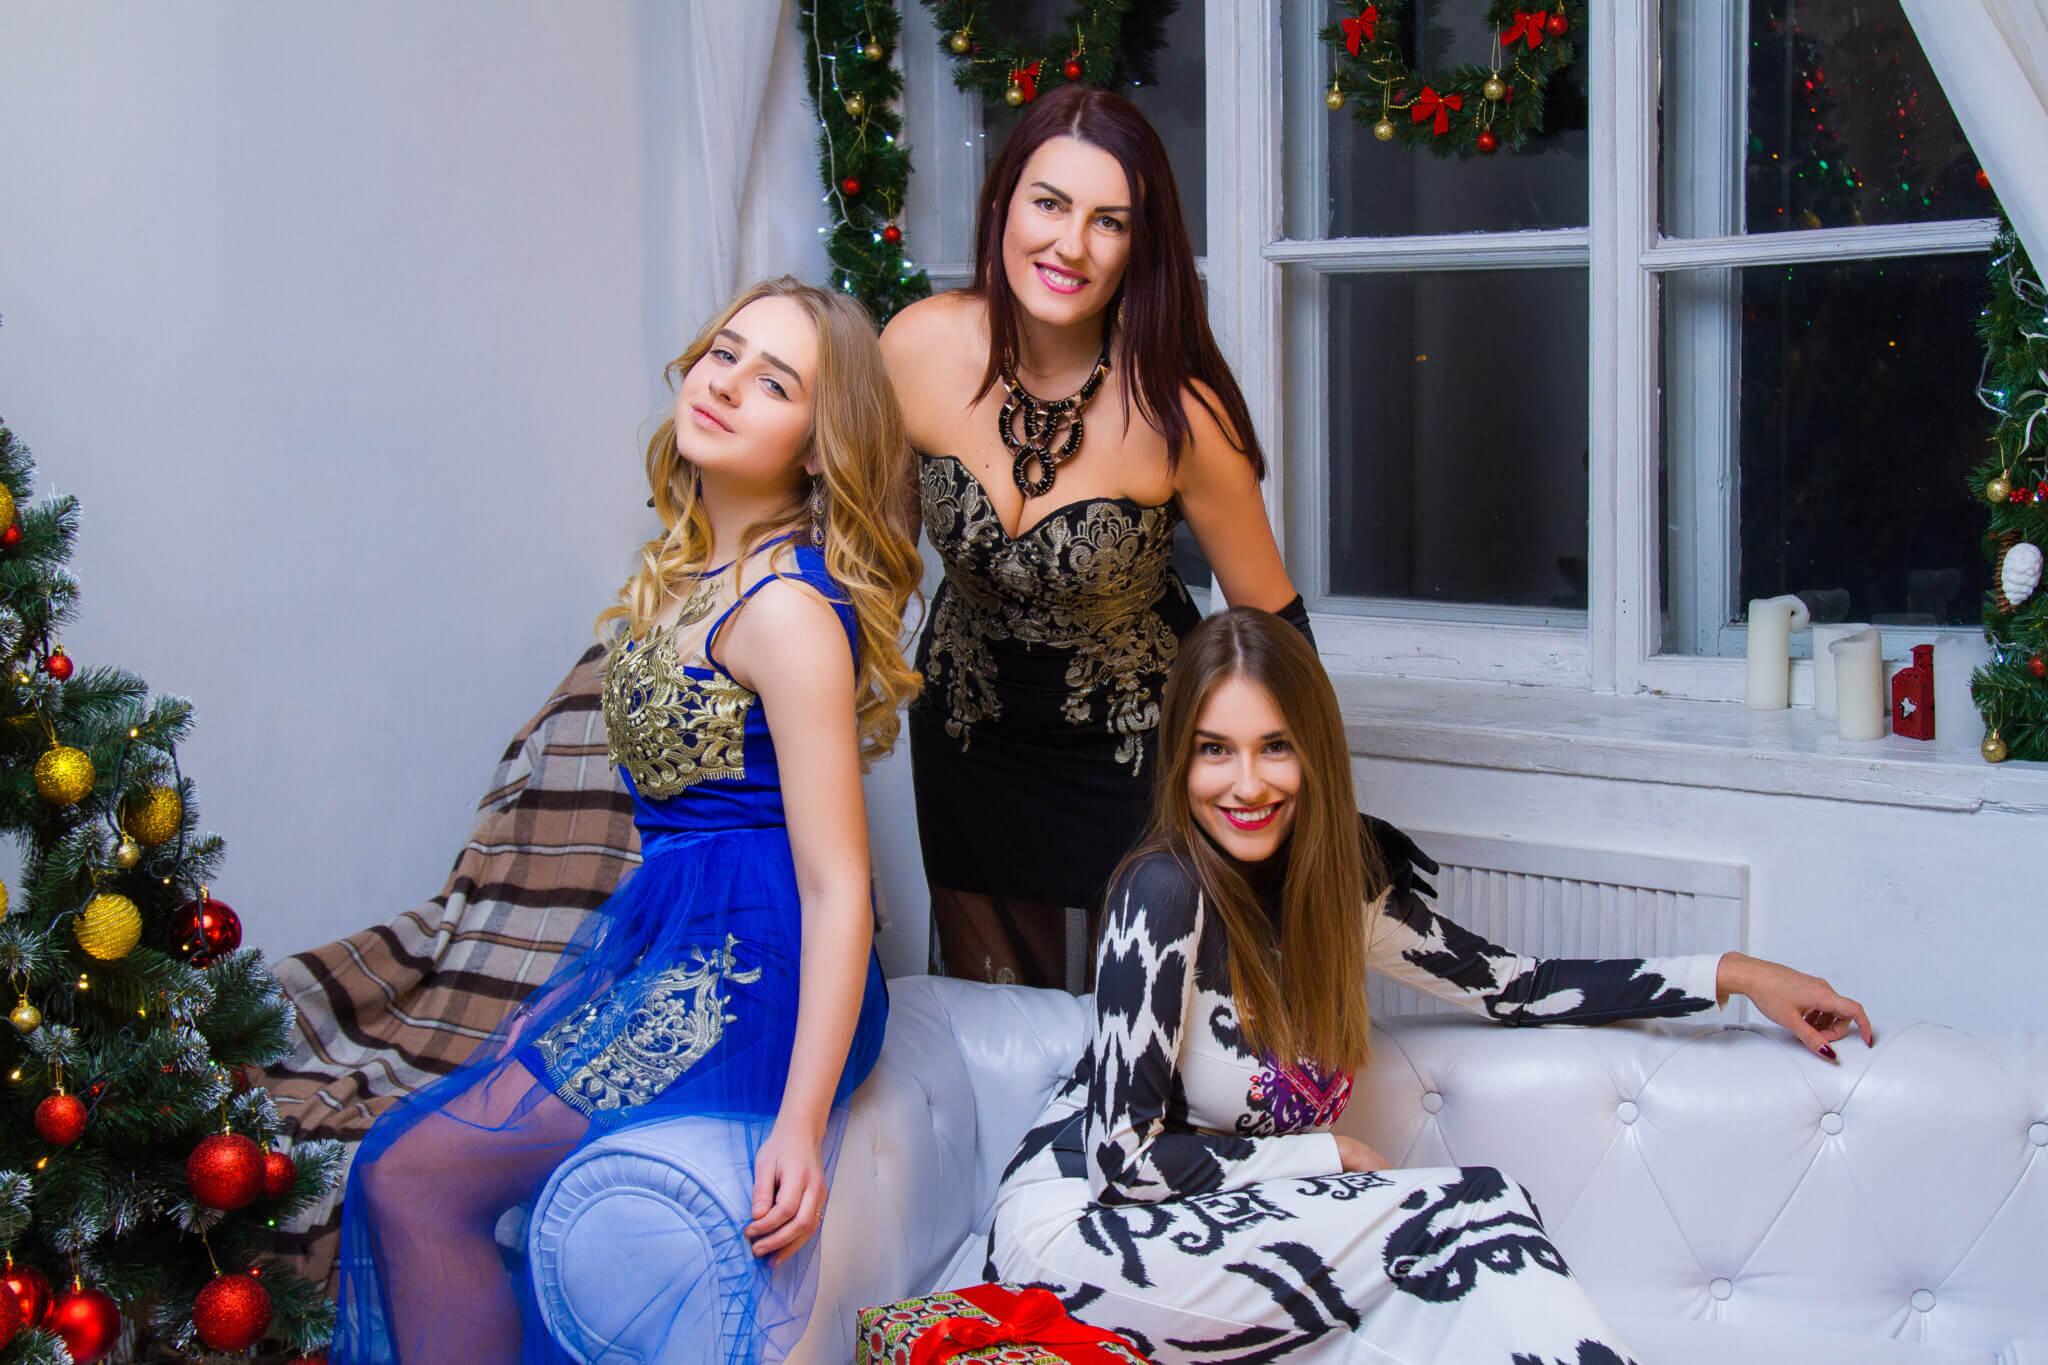 Новогодняя фотосессия, 3 девушки сидят на белом диване на фоне елки у камина